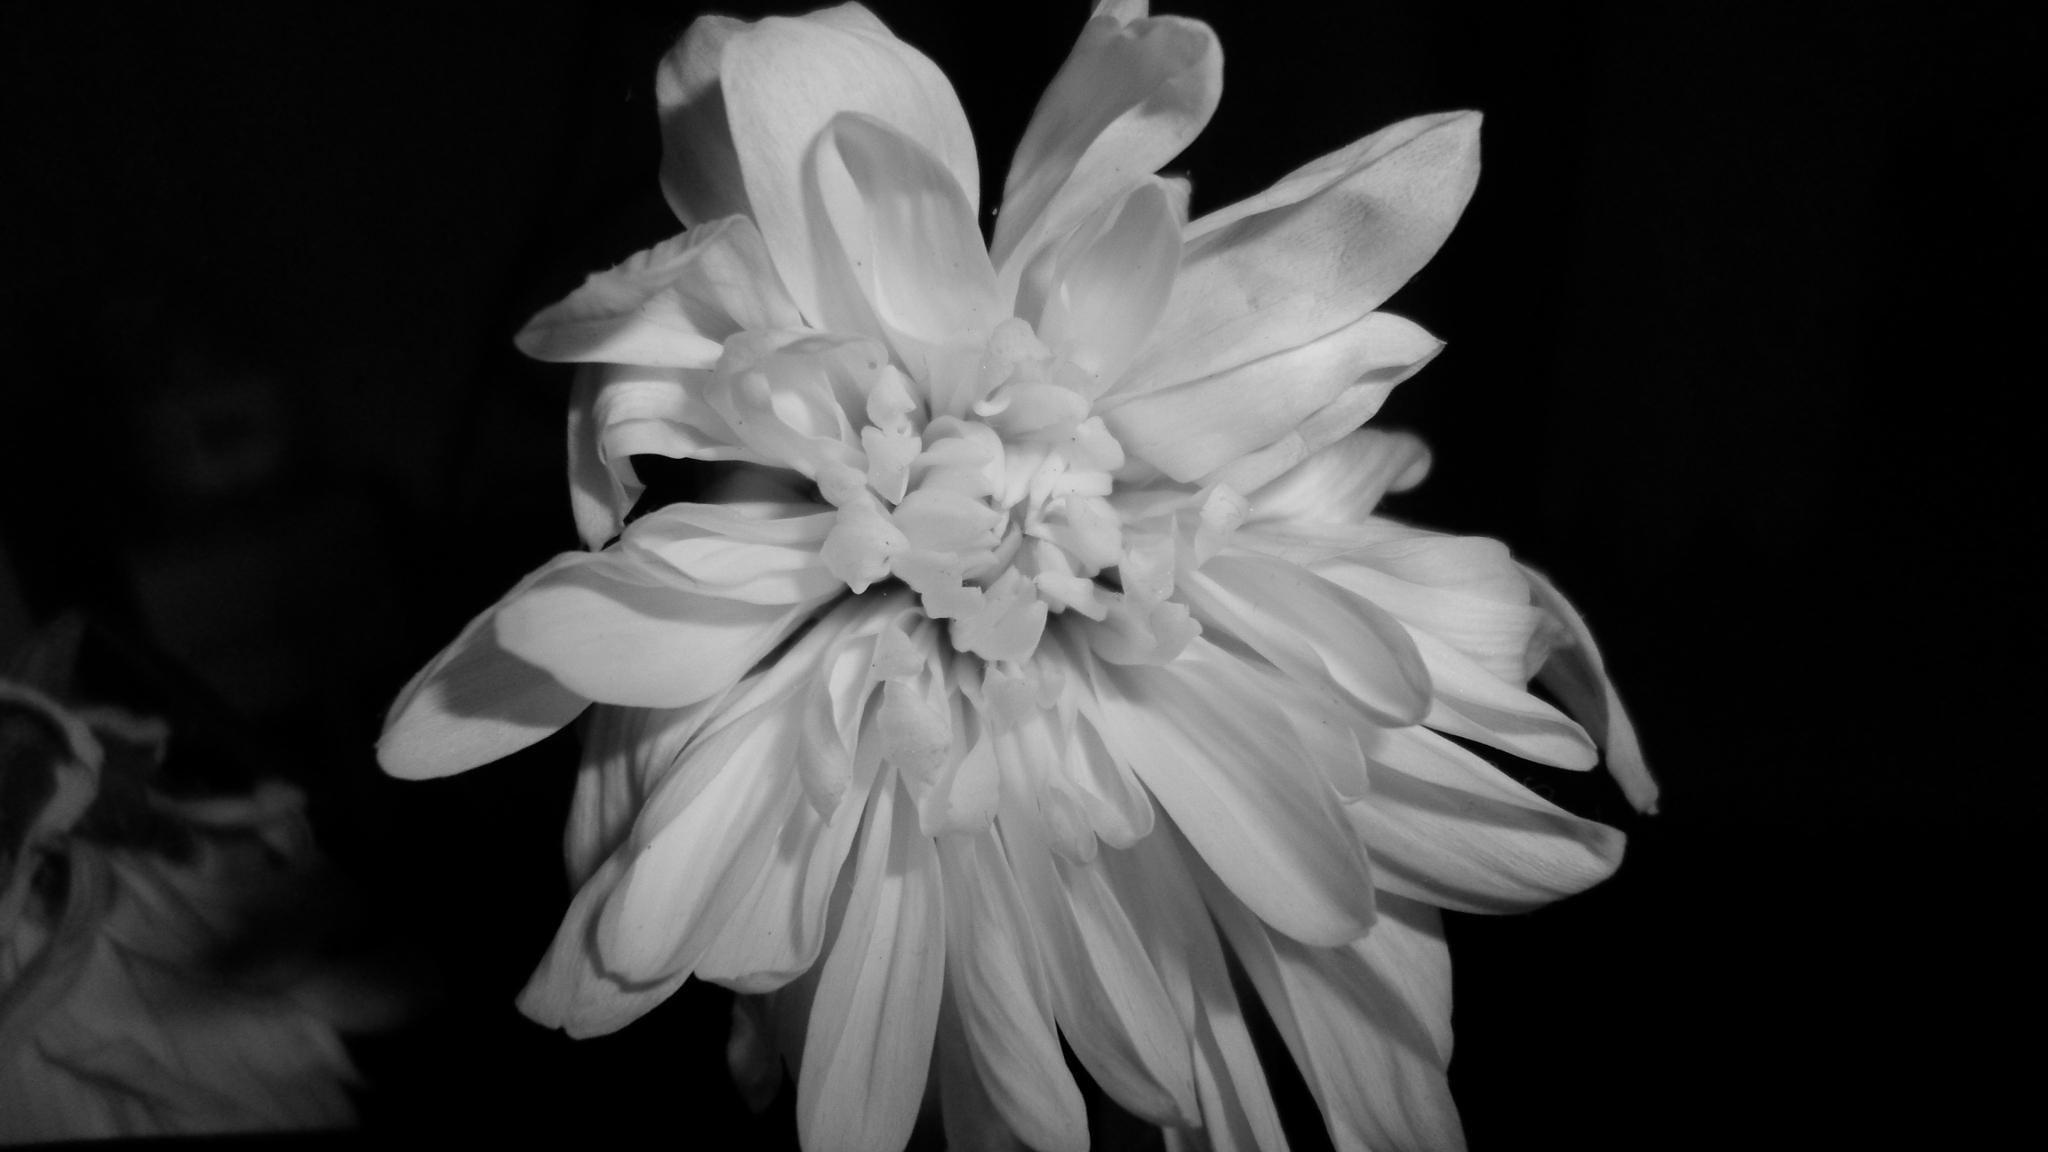 B&W Flower by Cristiana